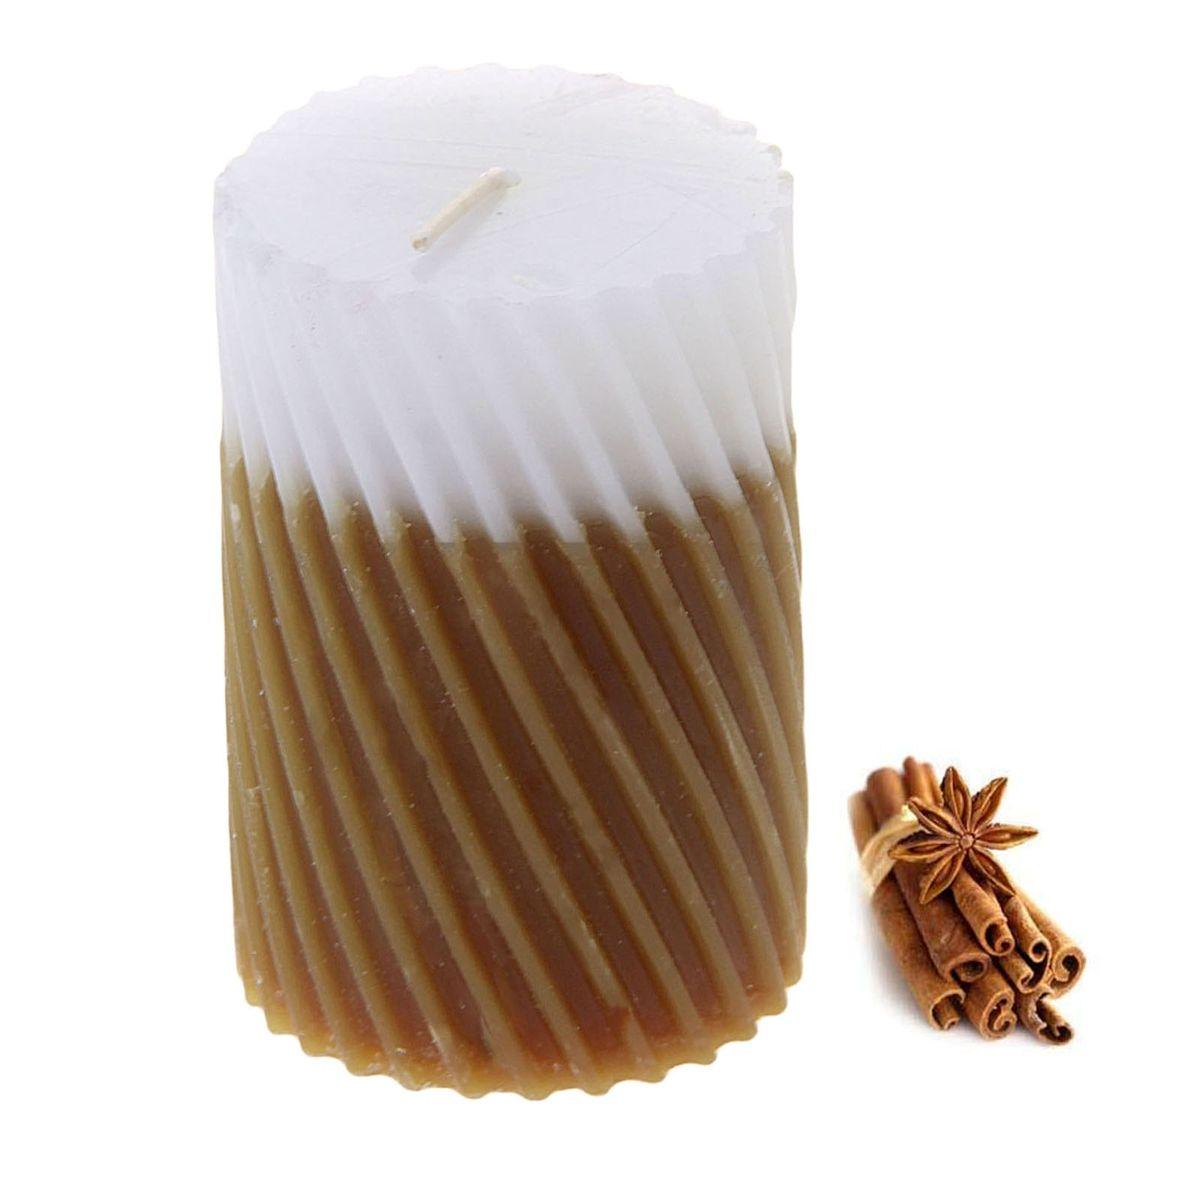 Свеча ароматизированная Sima-land Корица, высота 7,5 см. 849544 свеча корица колонна 80 60 мм фитиль парафиныч